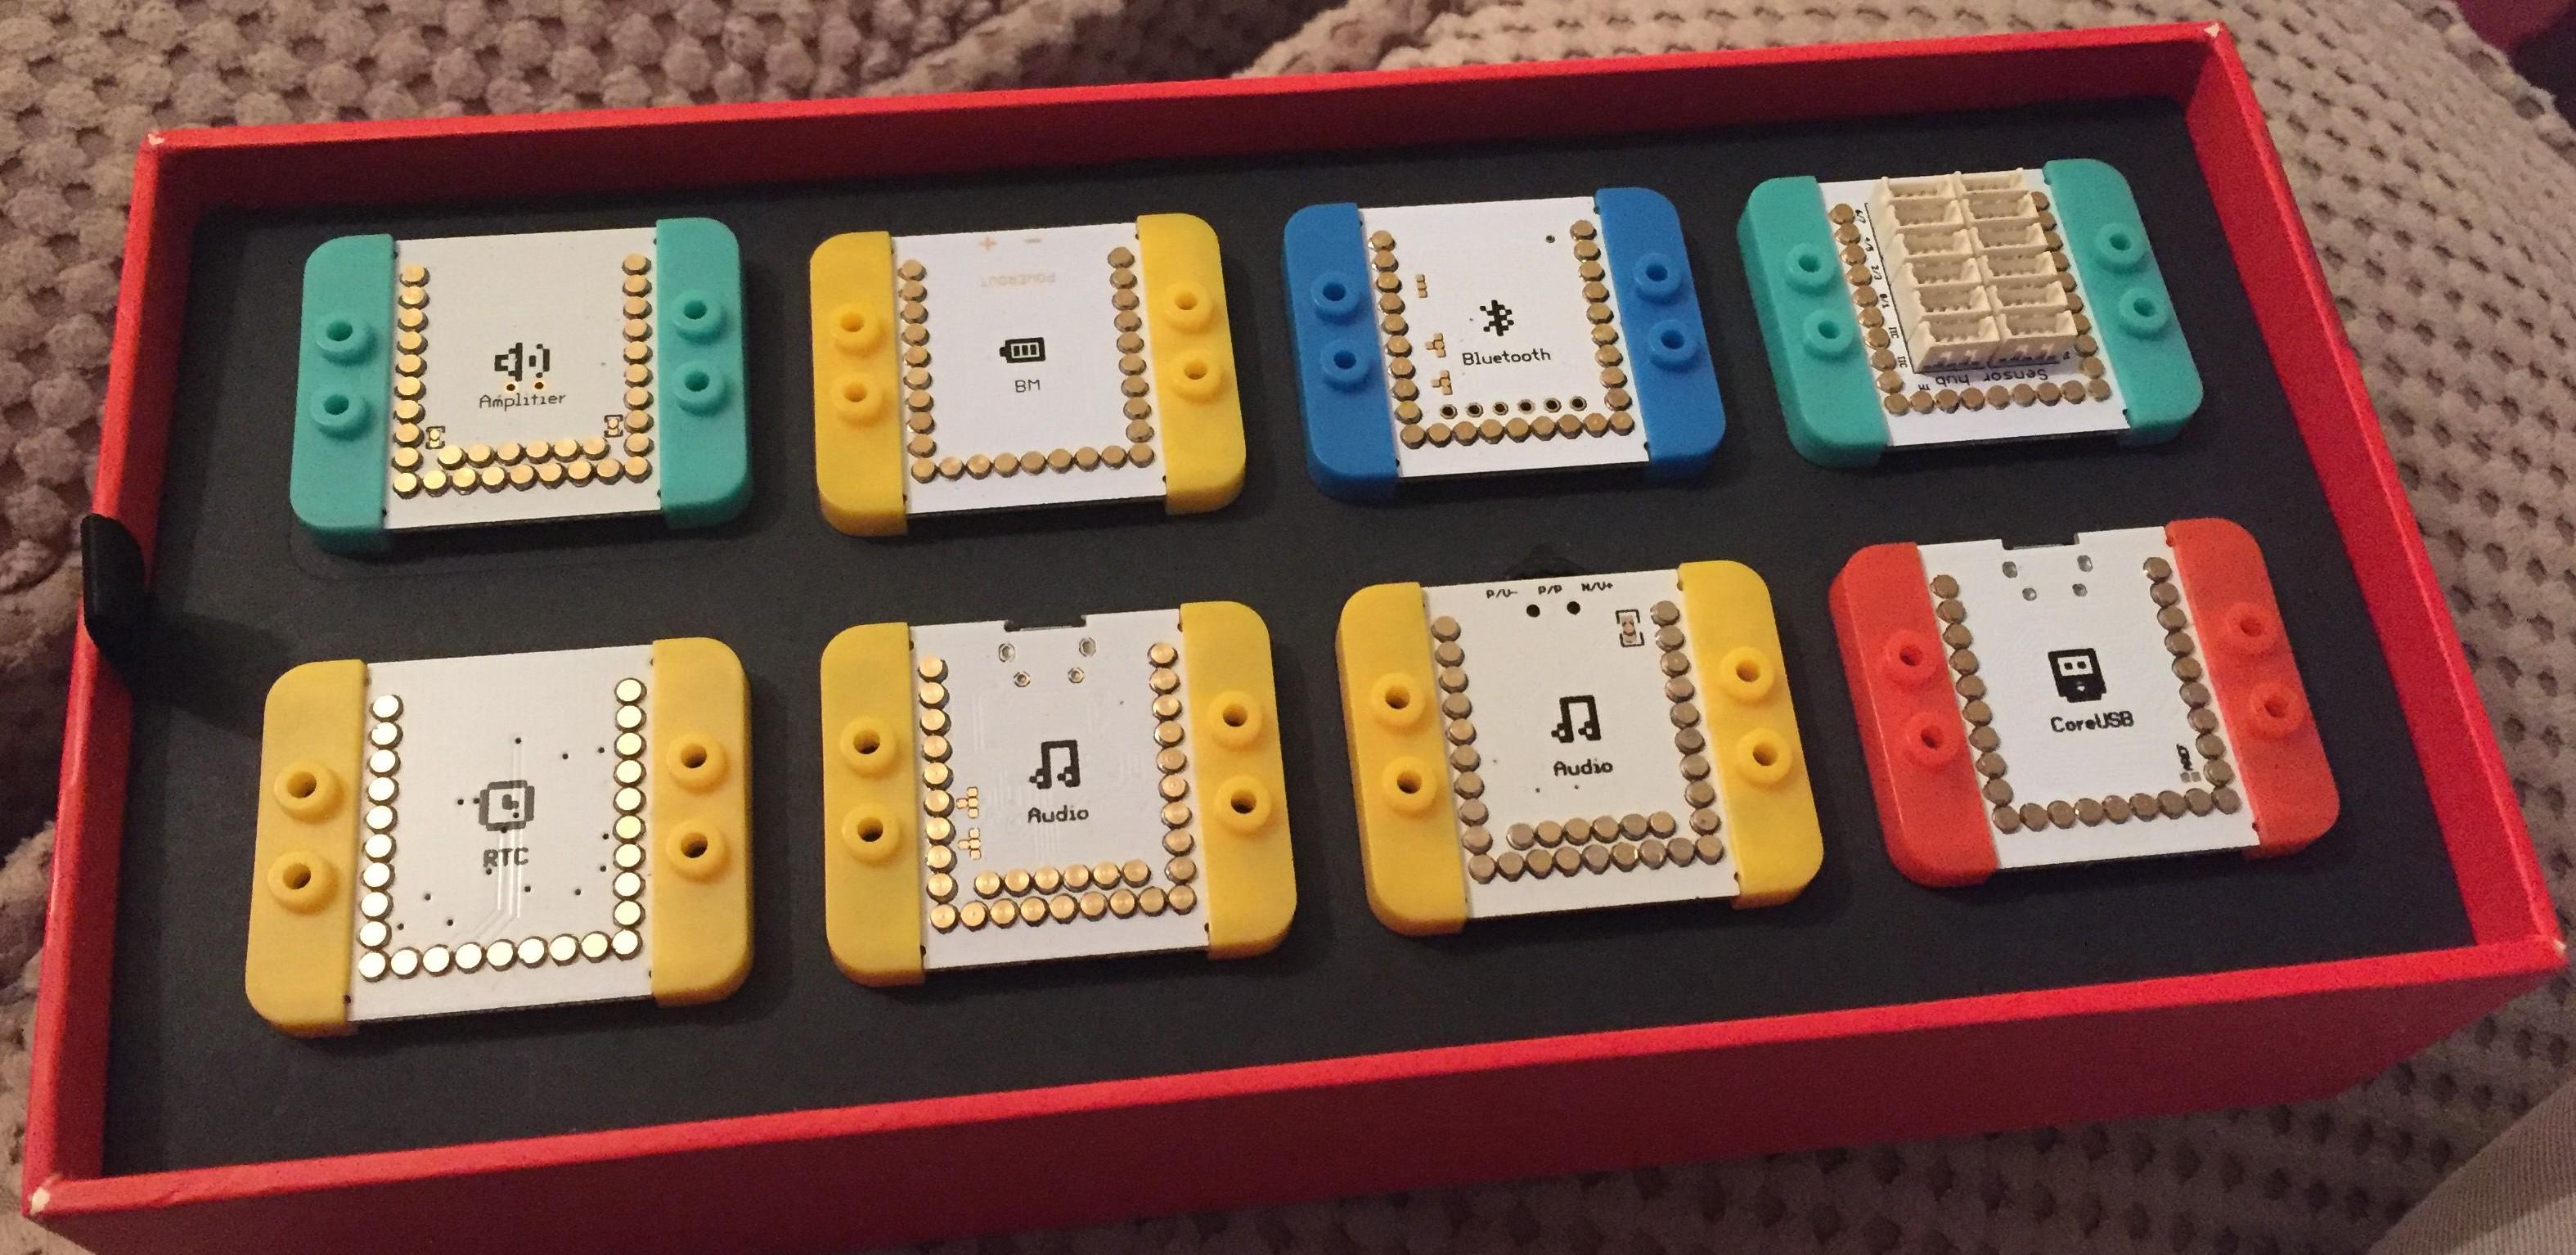 Microduino bits in their box